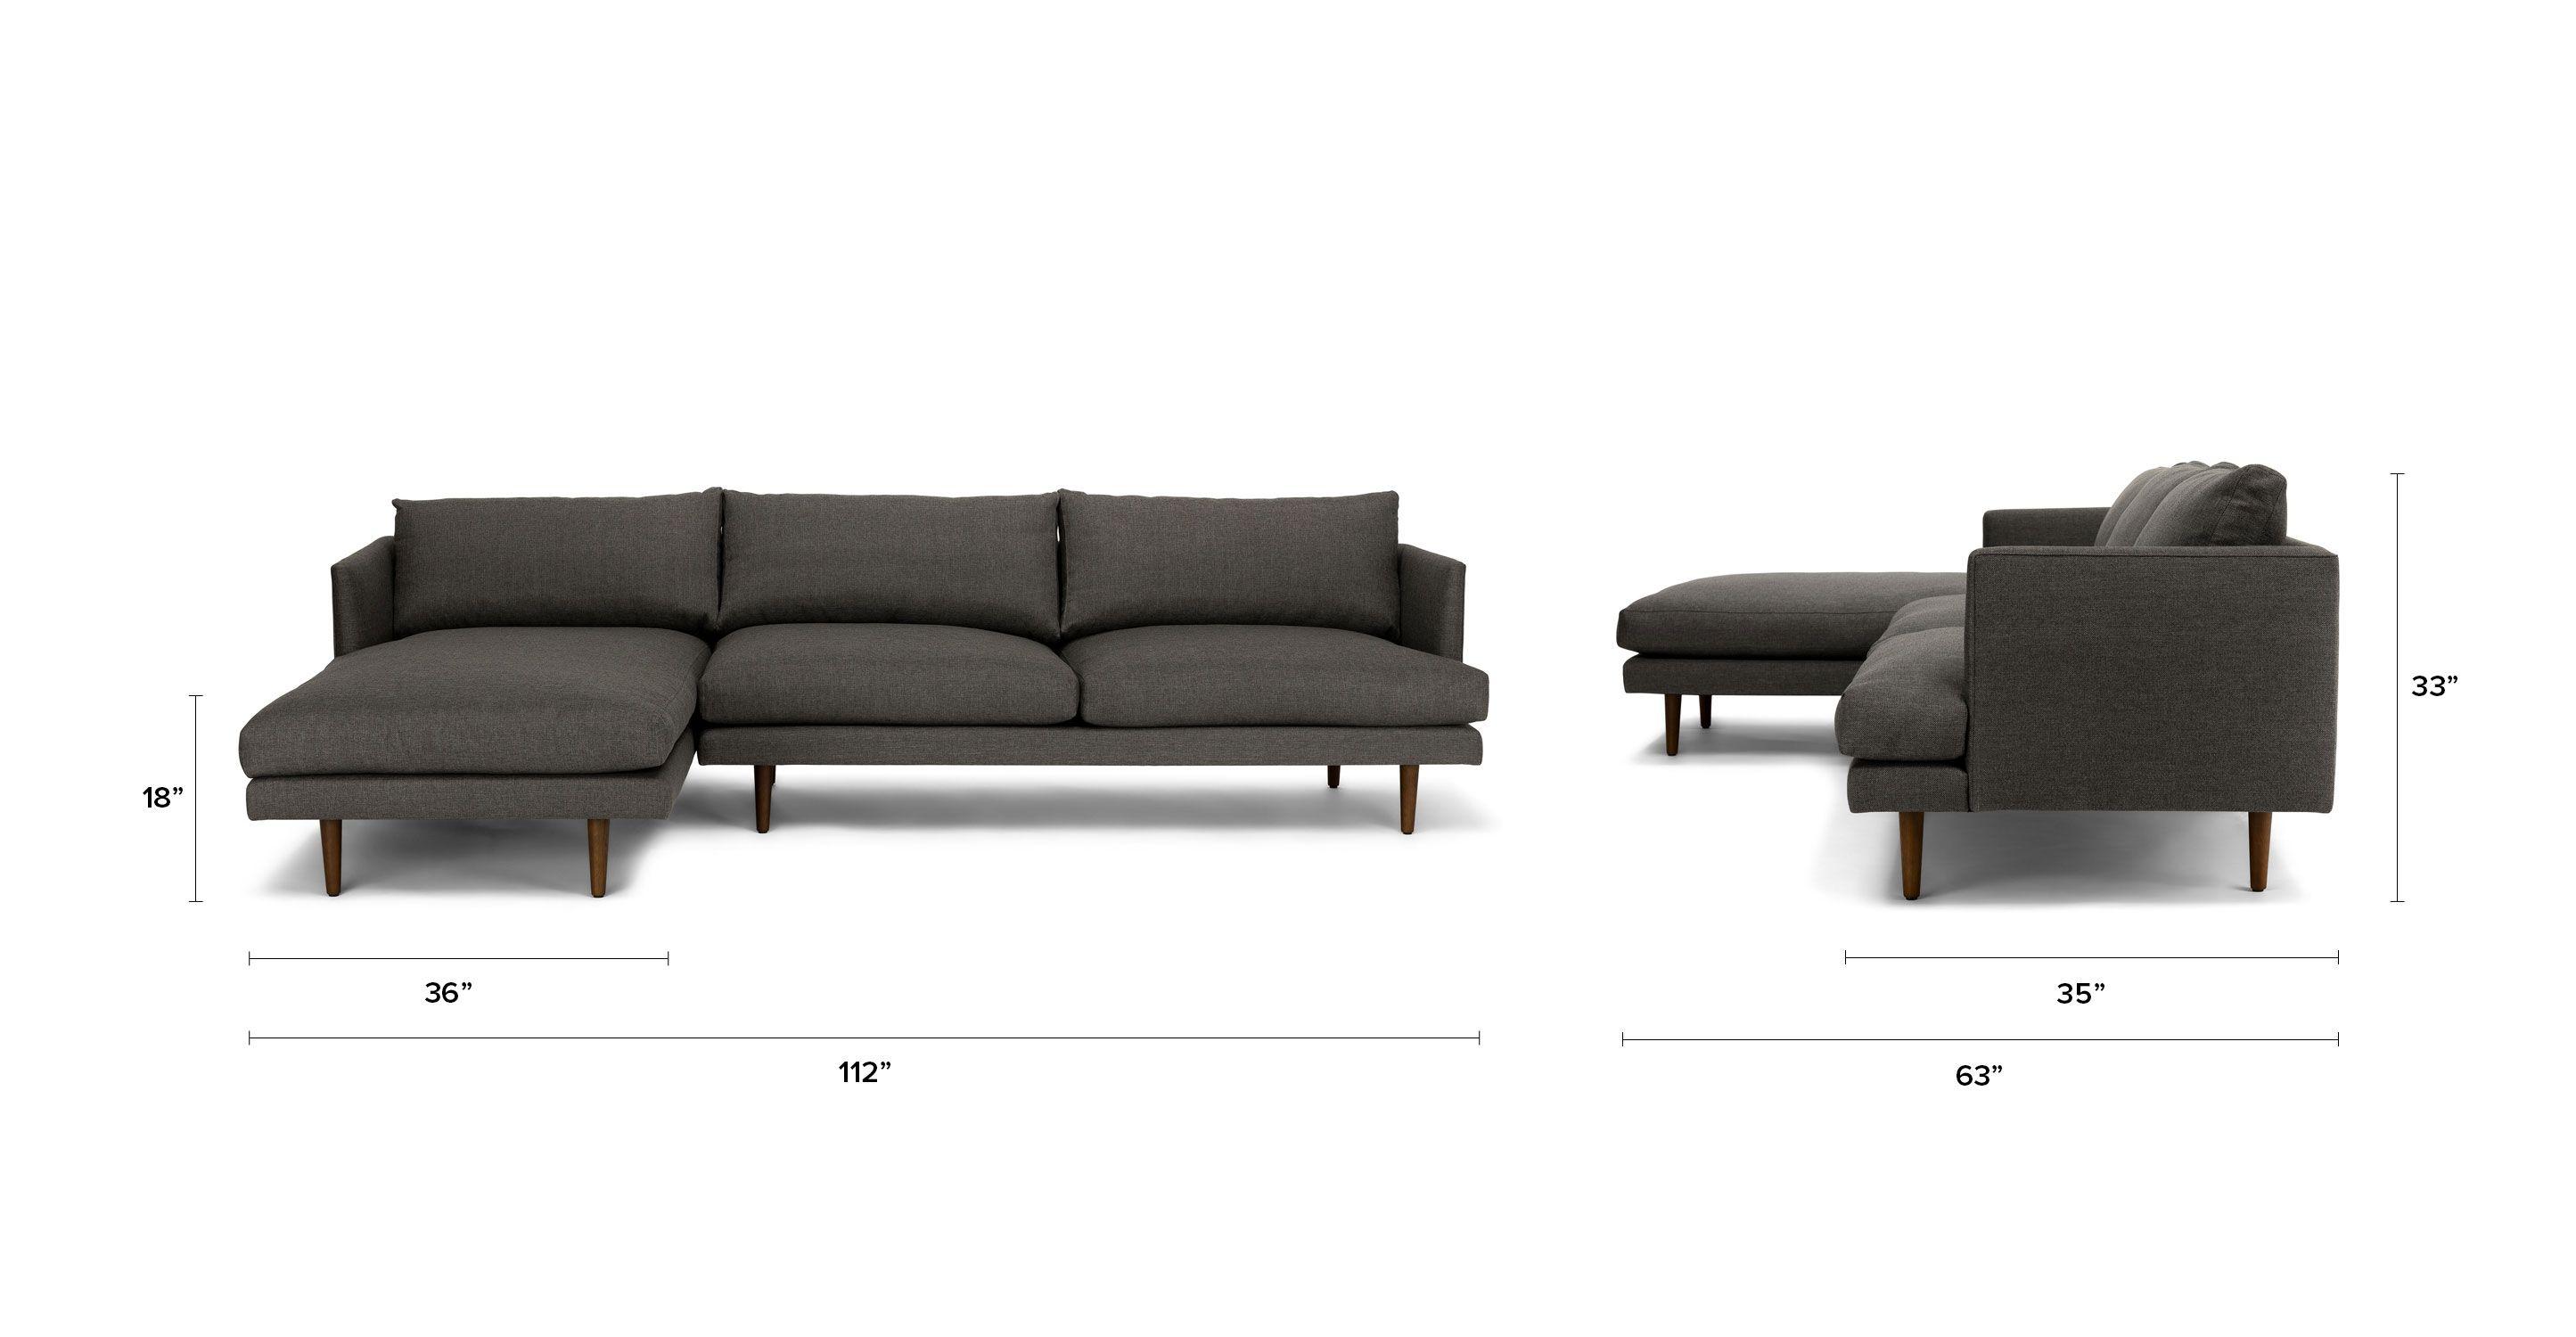 Dark Gray Left Sectional Sofa Upholstered